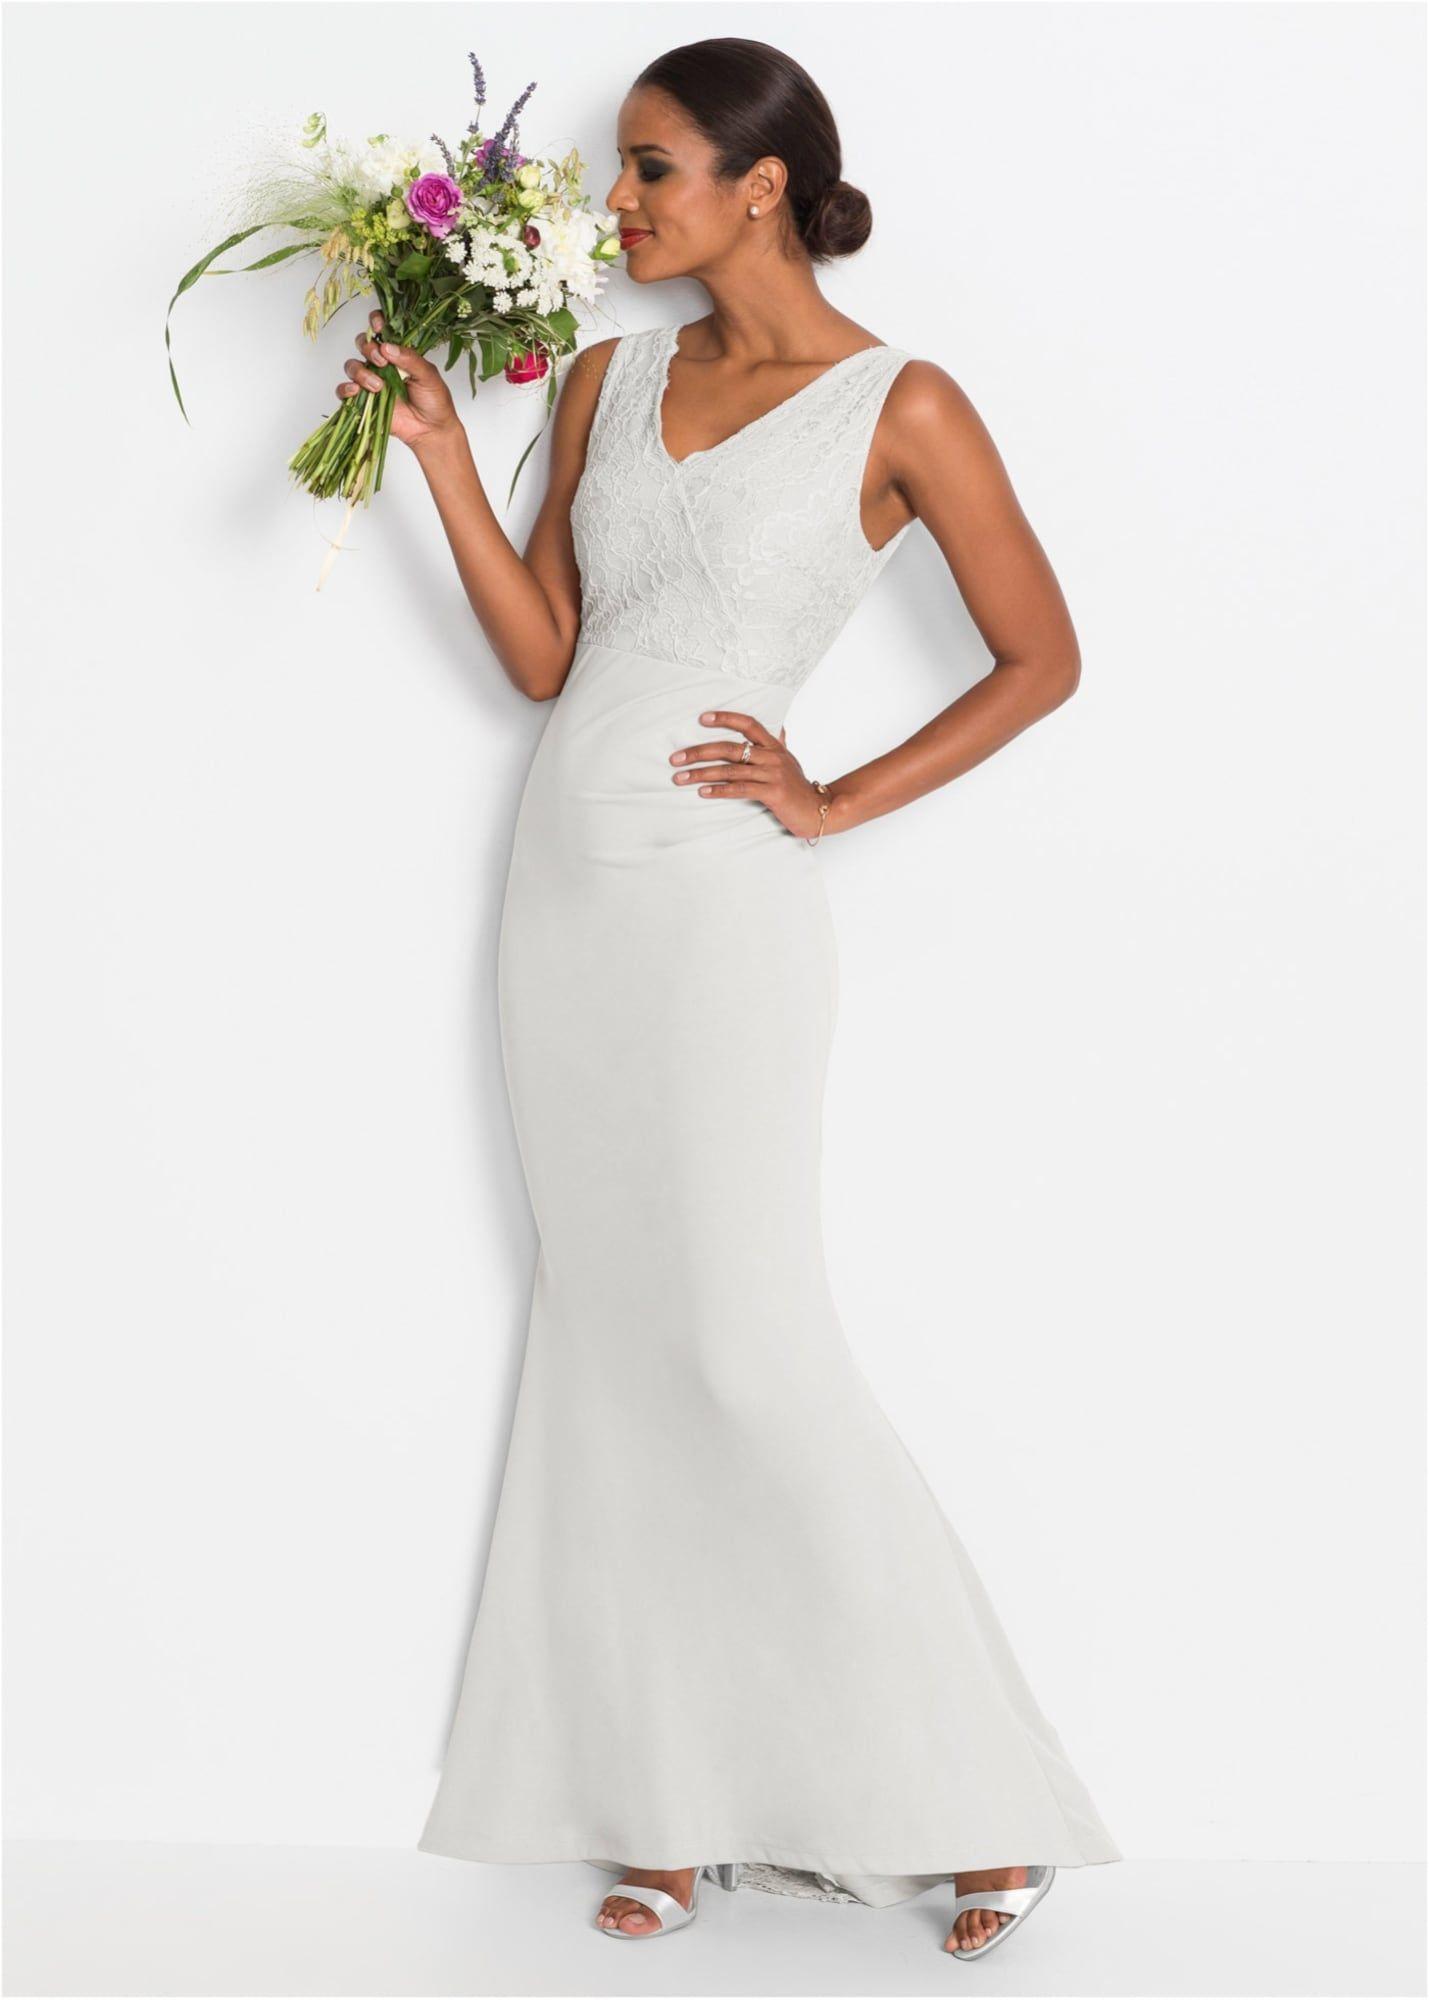 Bonprix Brautkleid Damen, Weiß, Größe 20/20  Brautkleid, Kleider